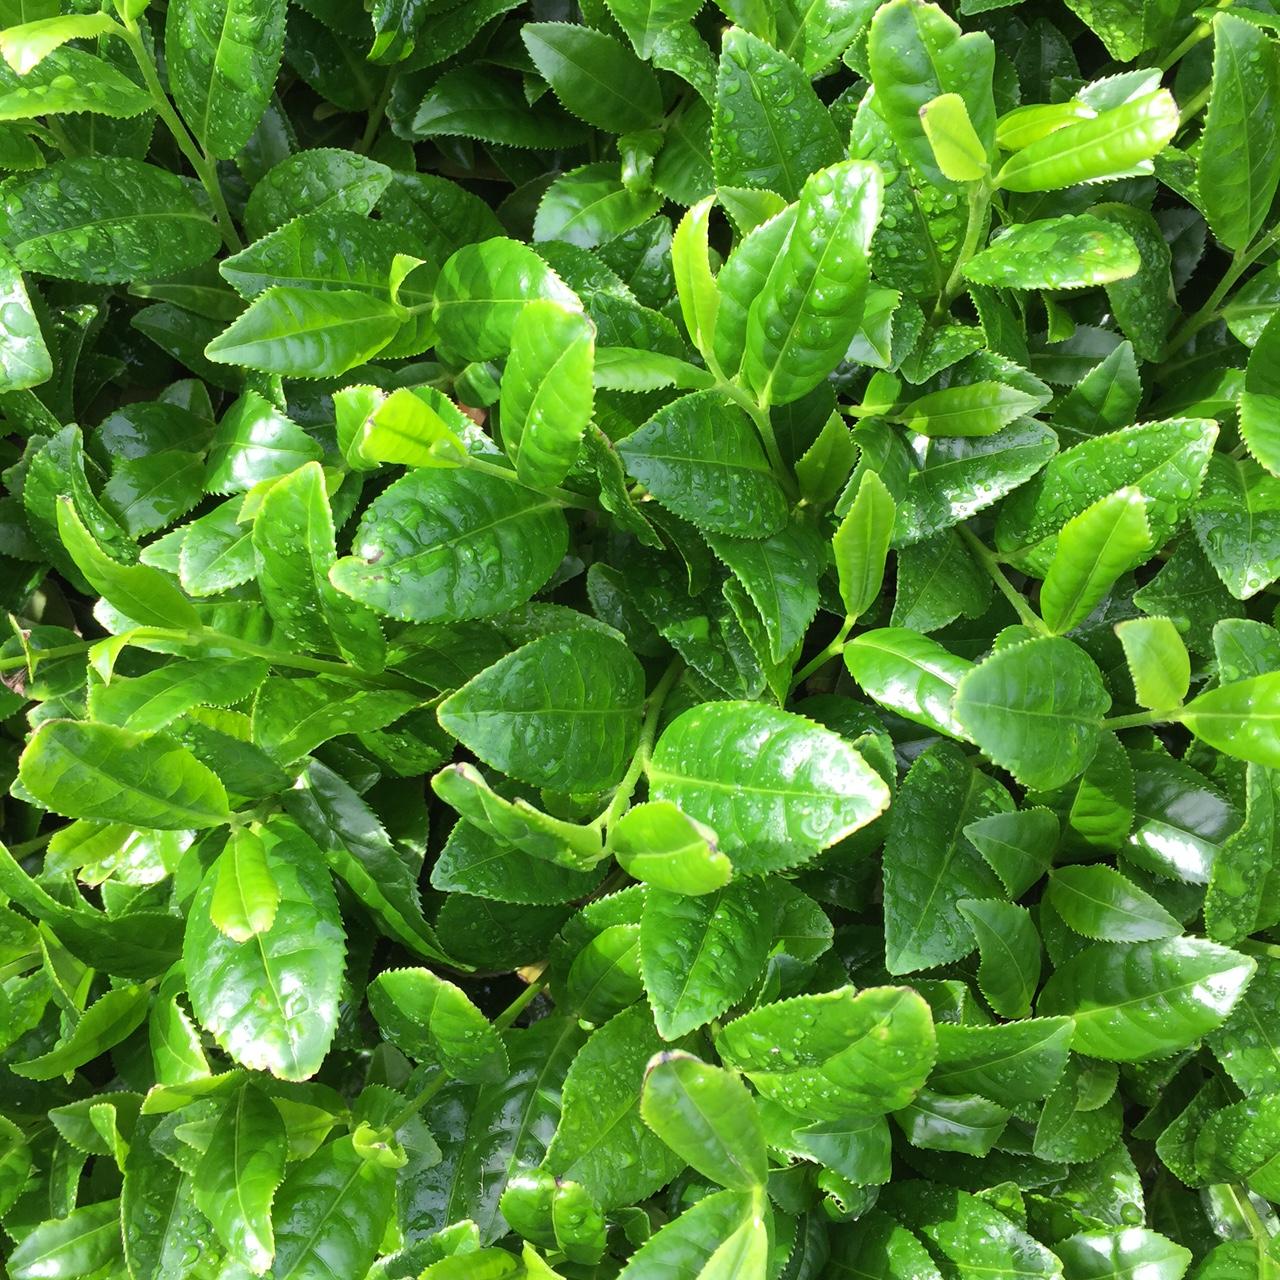 2017年4月27日かごしま緑茶の茶園風景です。早生品種ゆたかみどりです。まもなく摘採!。